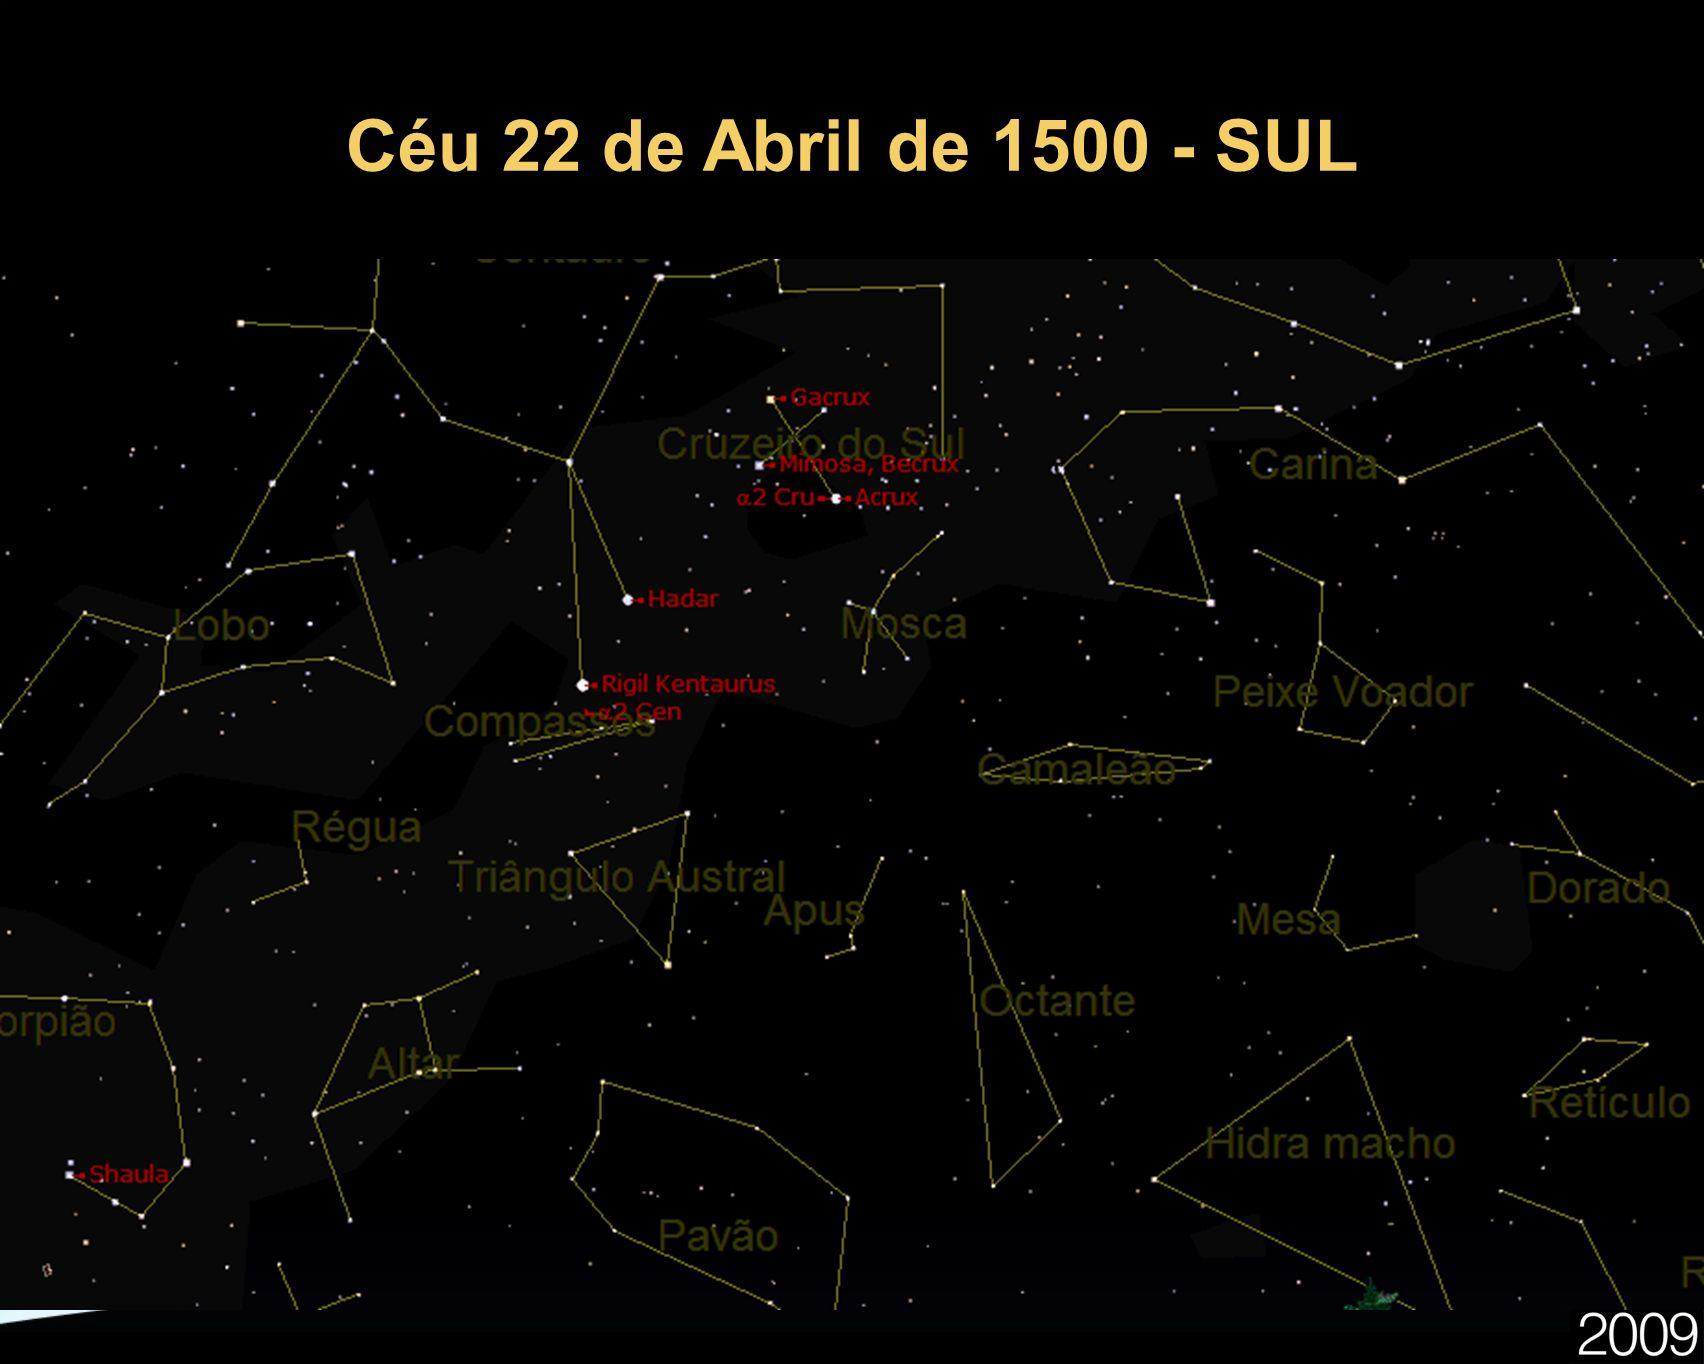 Céu 22 de Abril de 1500 - SUL